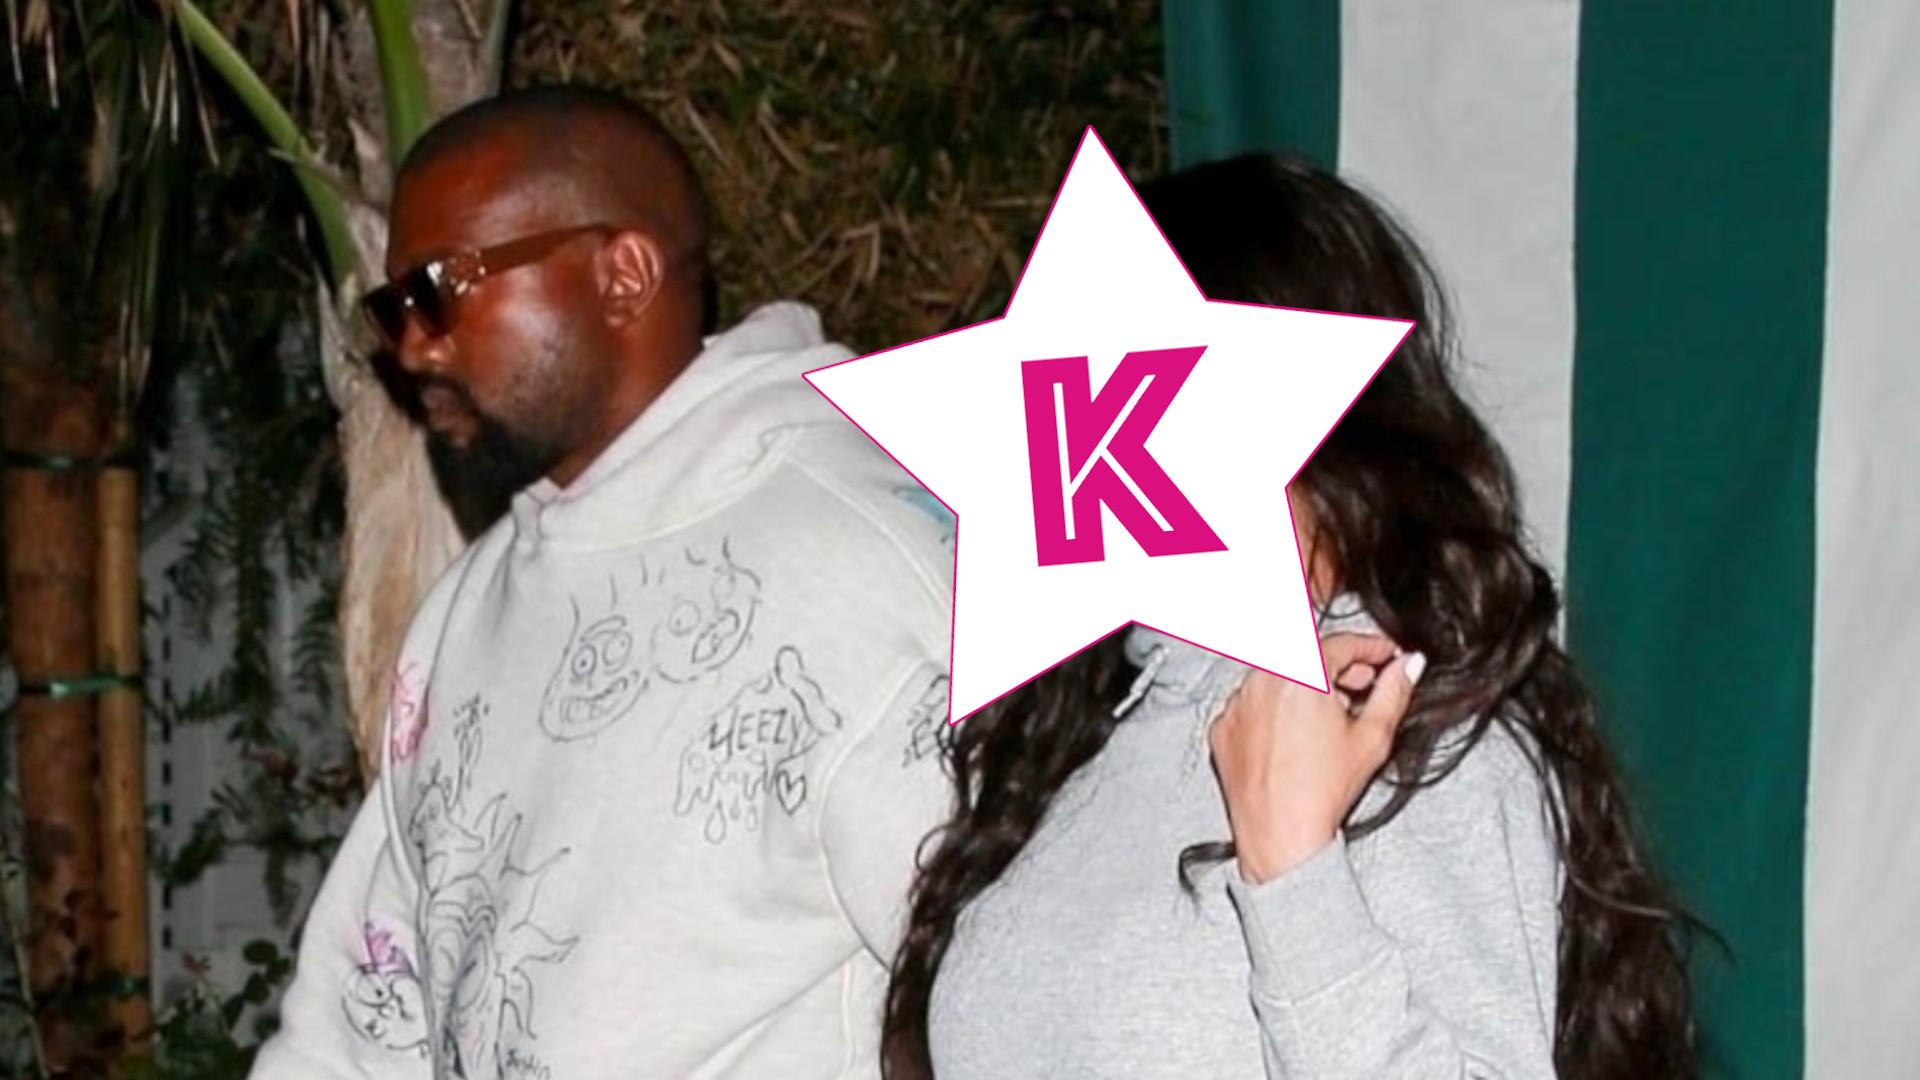 Takiej Kim Kardashian jeszcze nie widzieliście! Wybrała się na randkę z Kanye Westem (ZDJĘCIA)